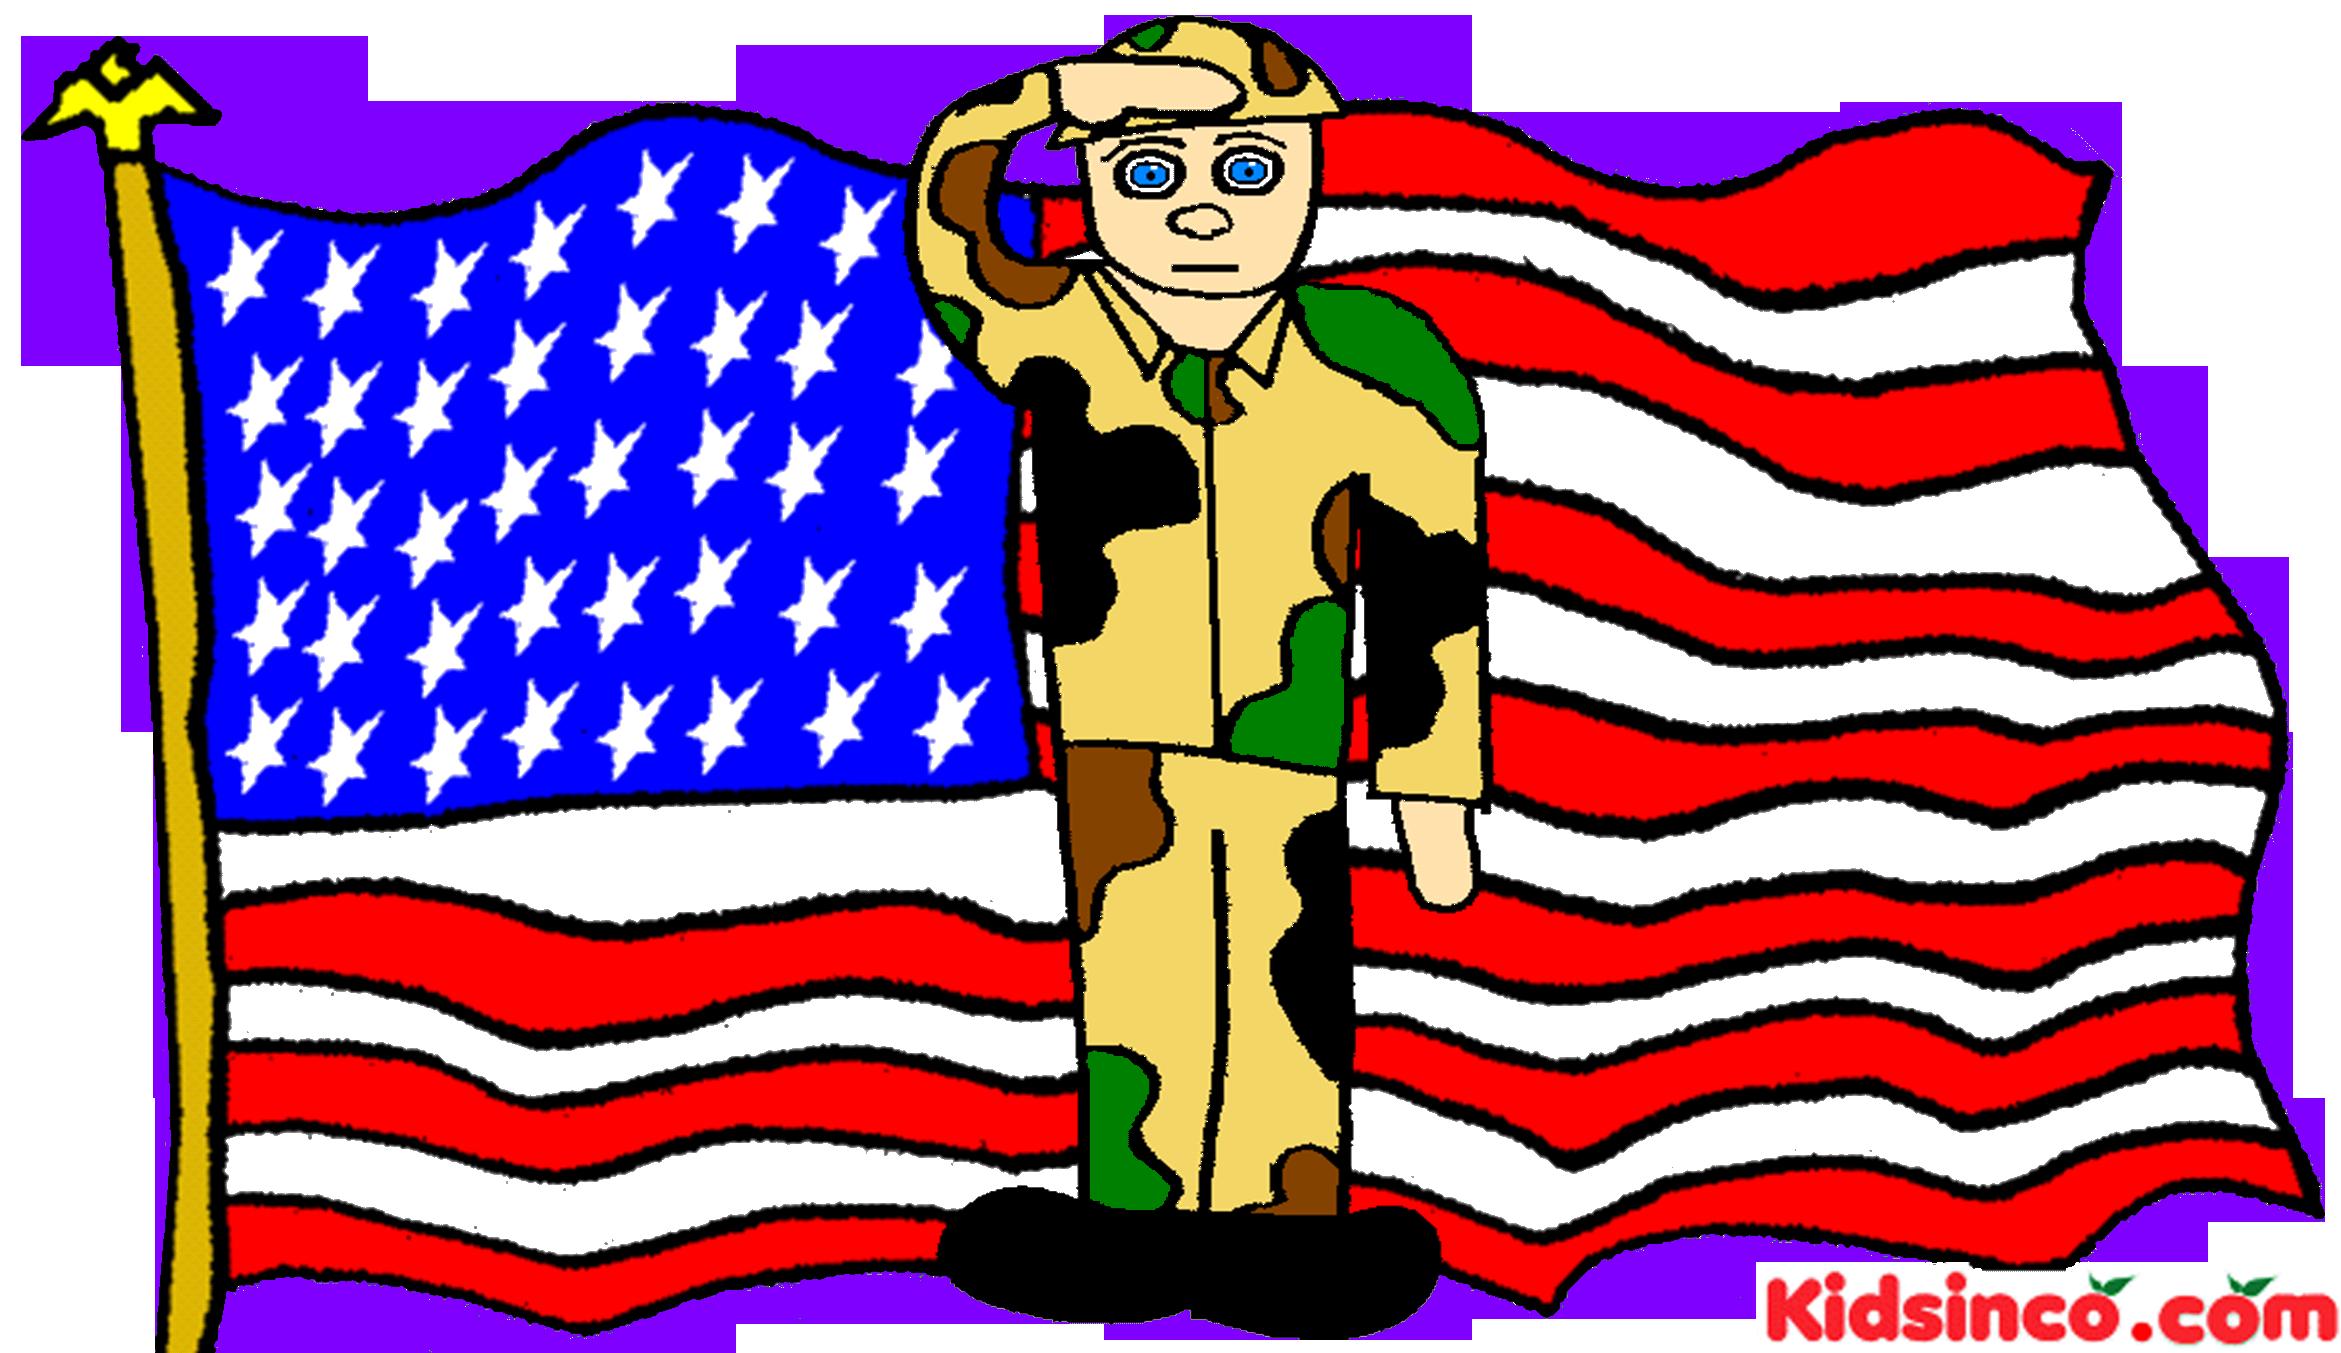 Veterans clipart for kids banner Free Memorial Day Clipart, Download Free Clip Art, Free Clip Art on ... banner